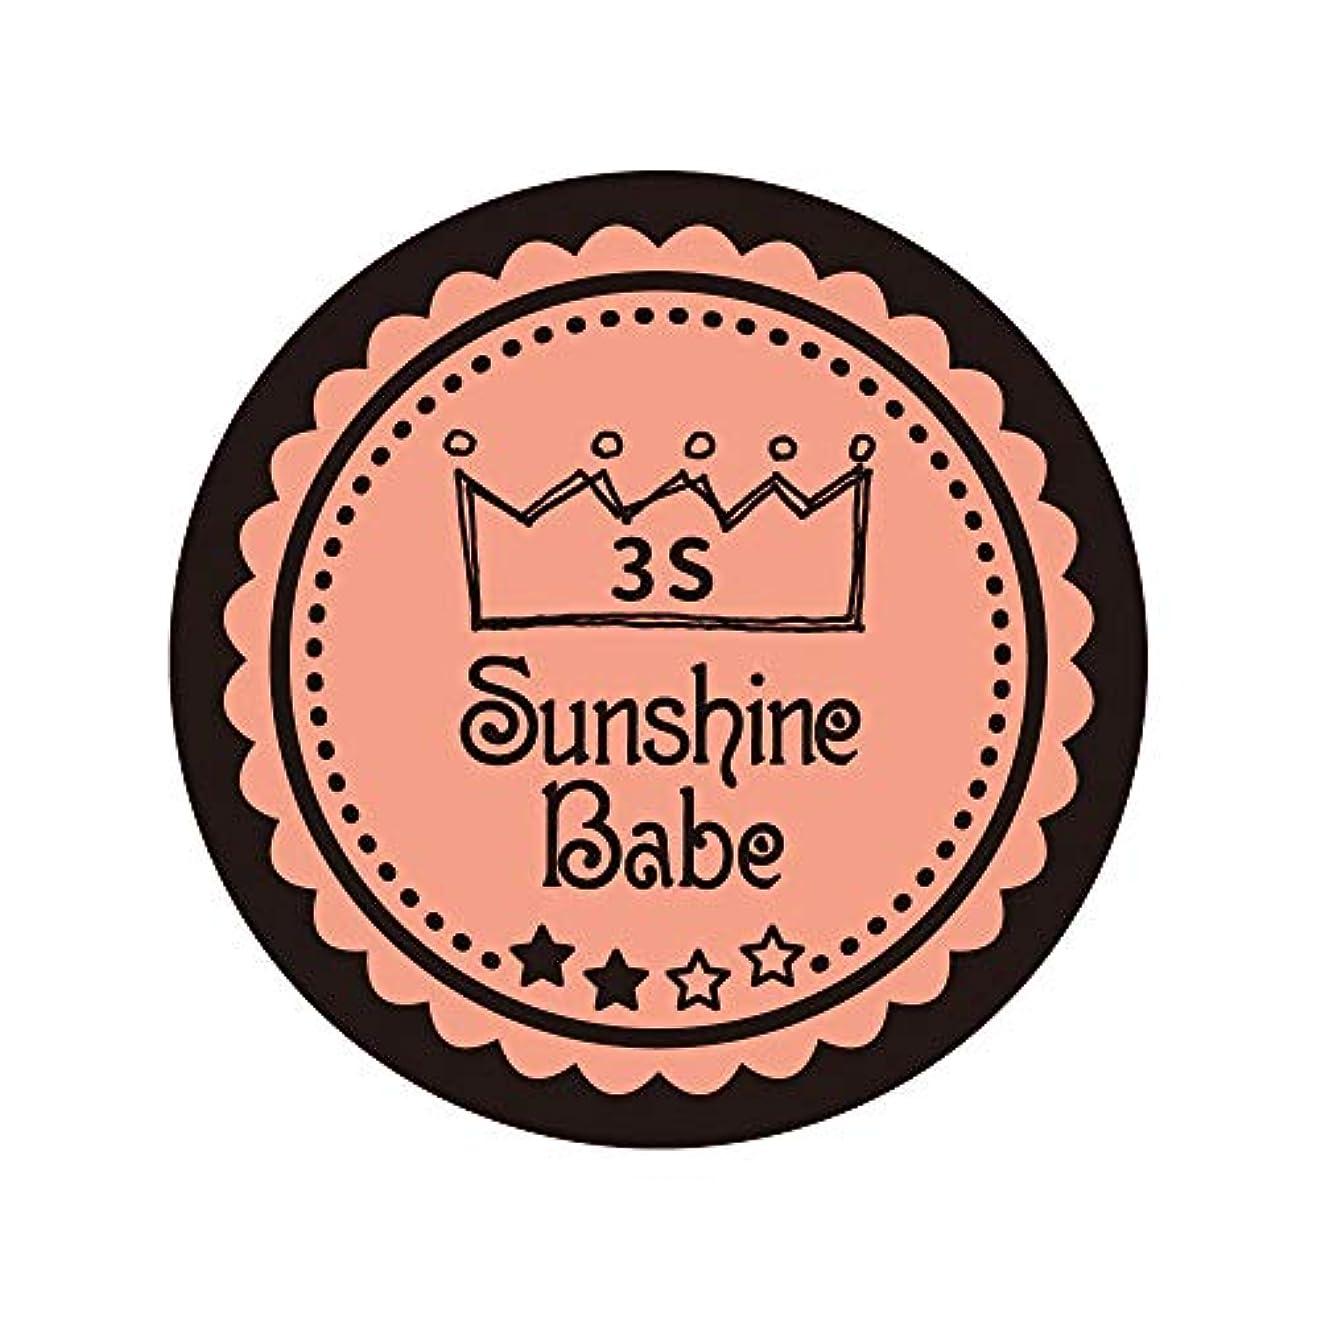 シェル買い物に行く成熟したSunshine Babe カラージェル 3S ブルーミングダリア 2.7g UV/LED対応